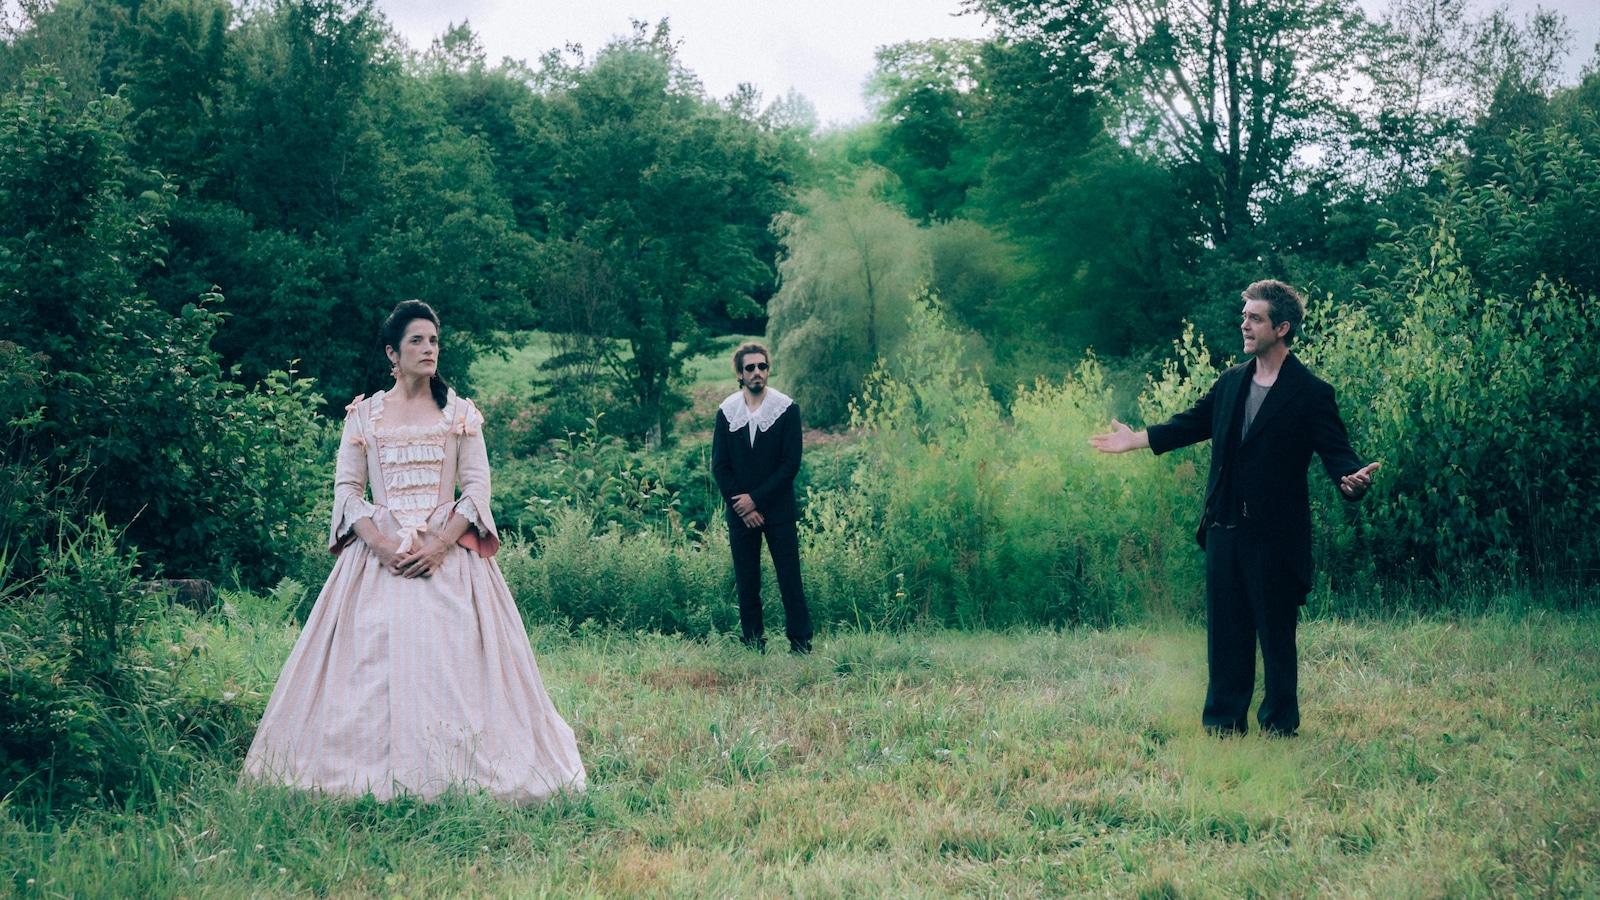 Dans un champ, deux hommes et une femme (Eve Duranceau) dans une robe d'époque.